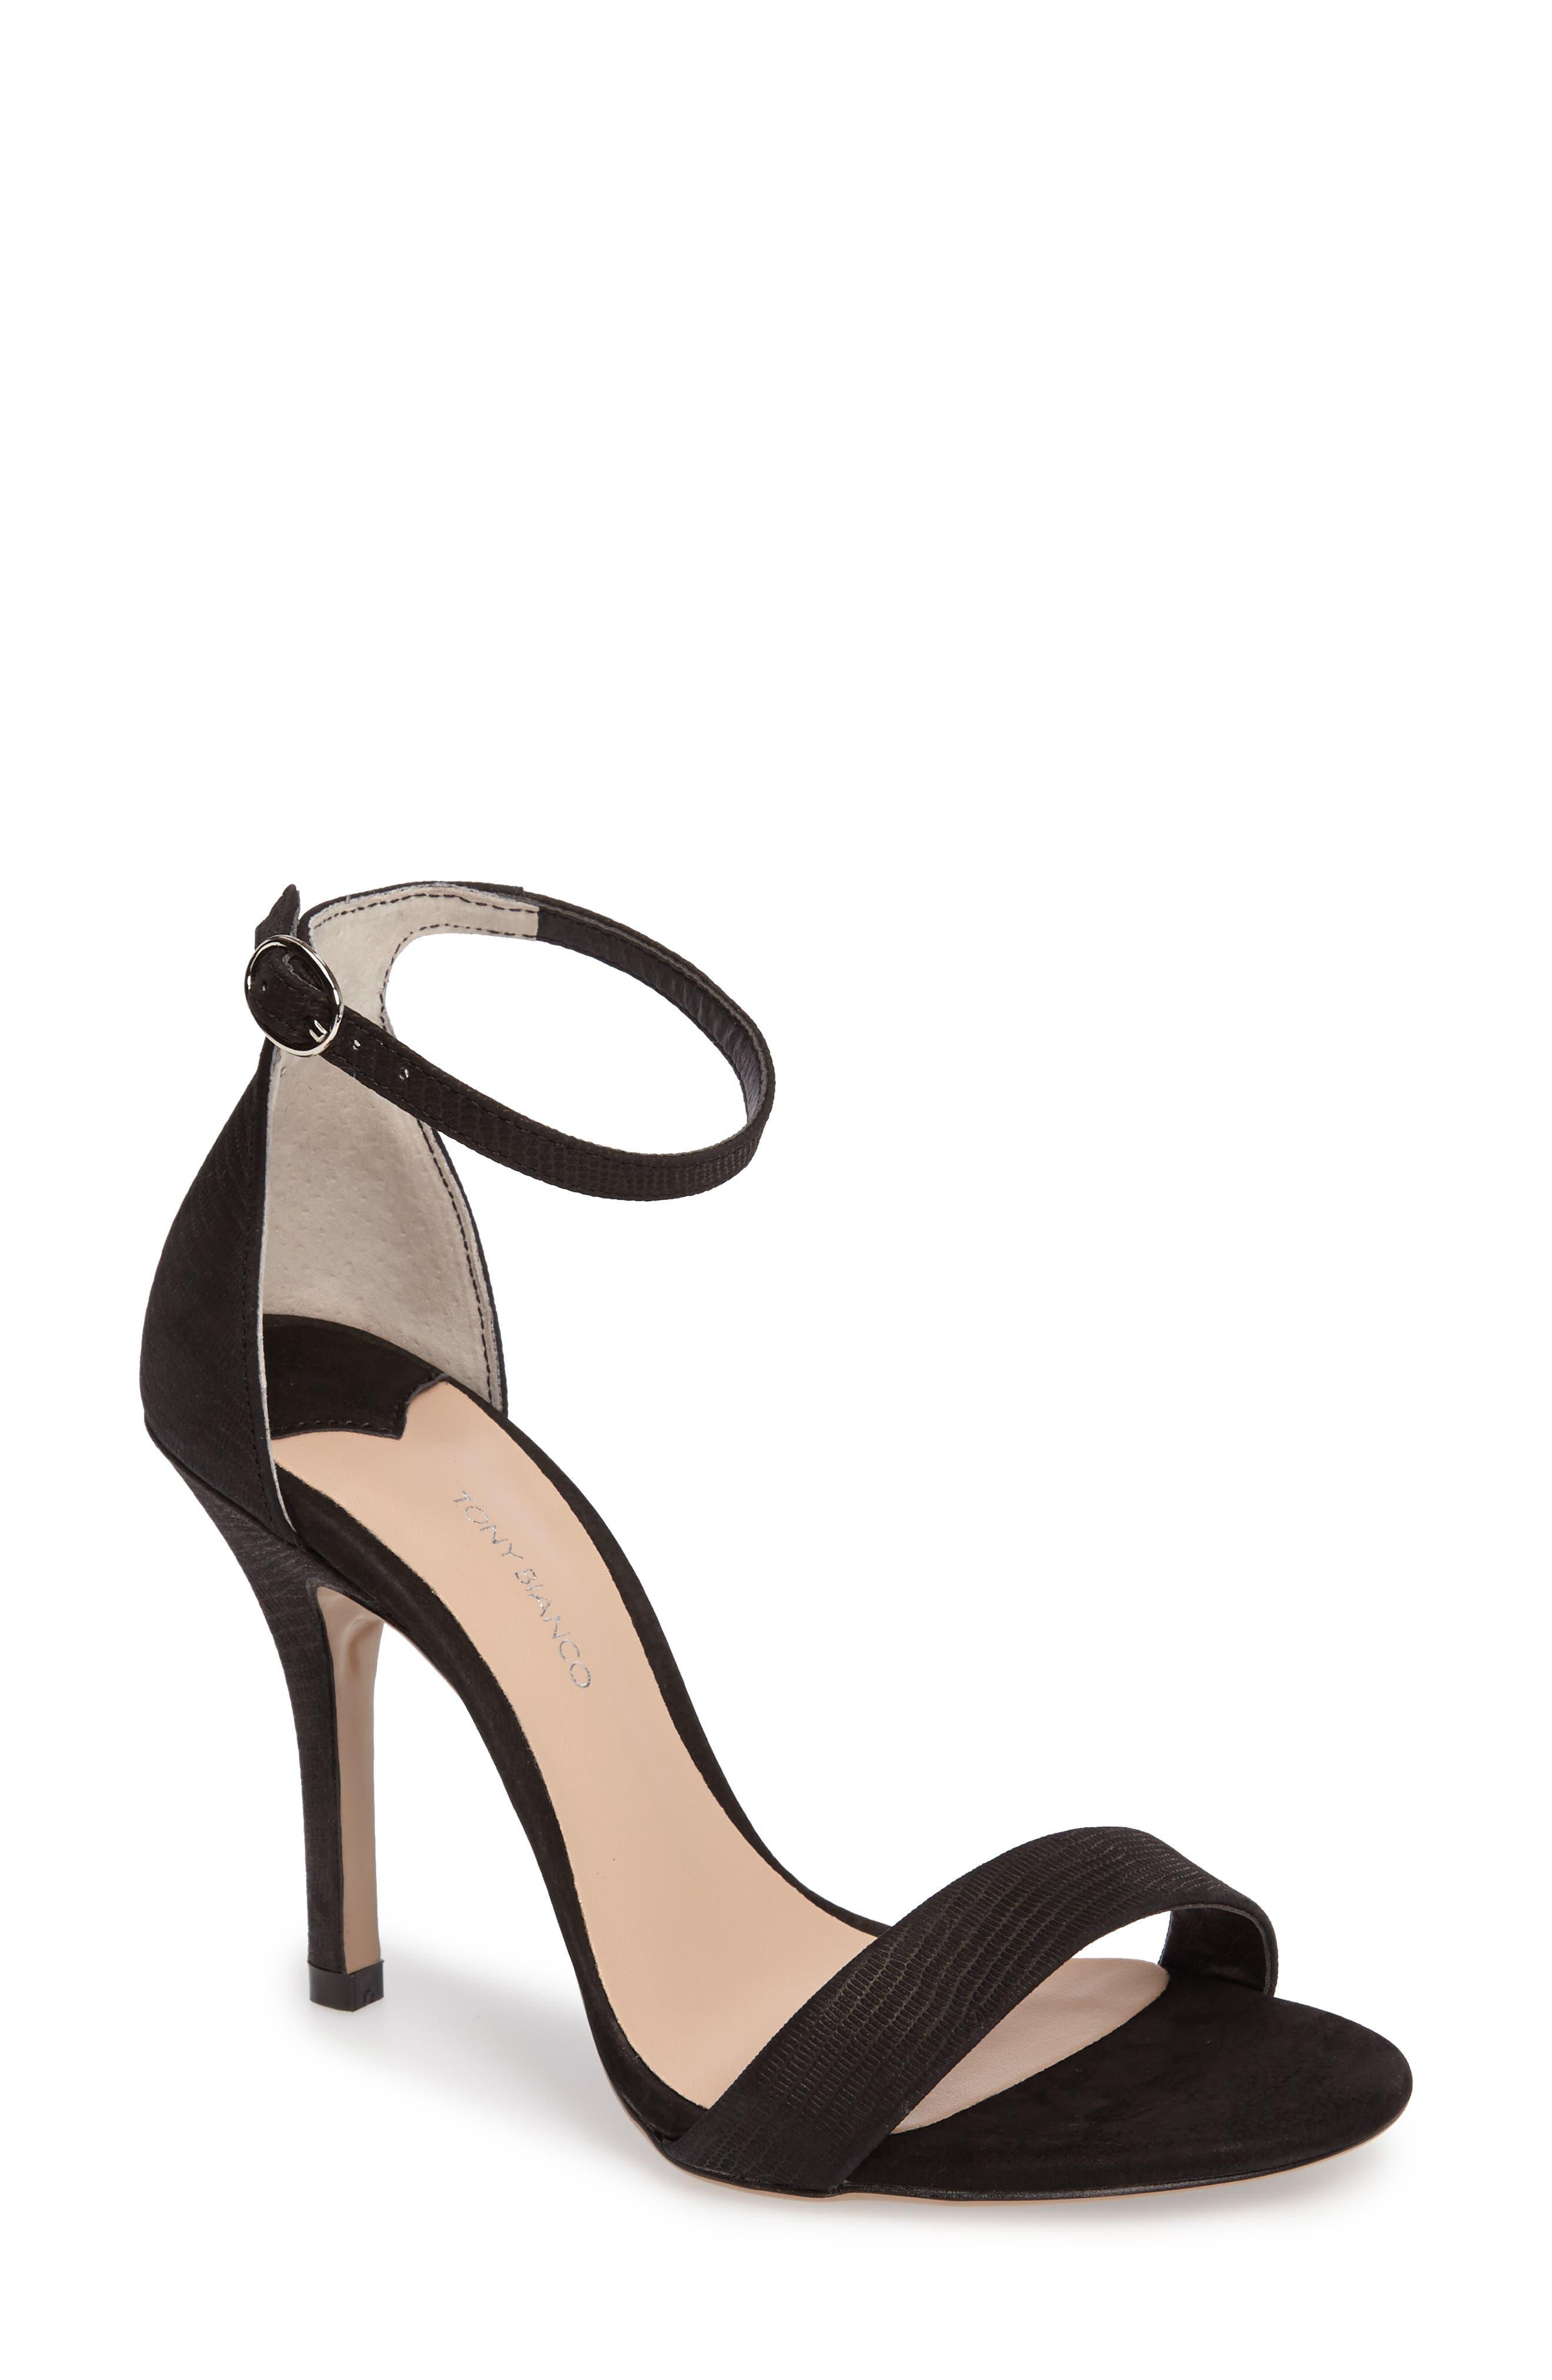 Lovinia Strappy Sandal,                         Main,                         color, Black Berlin